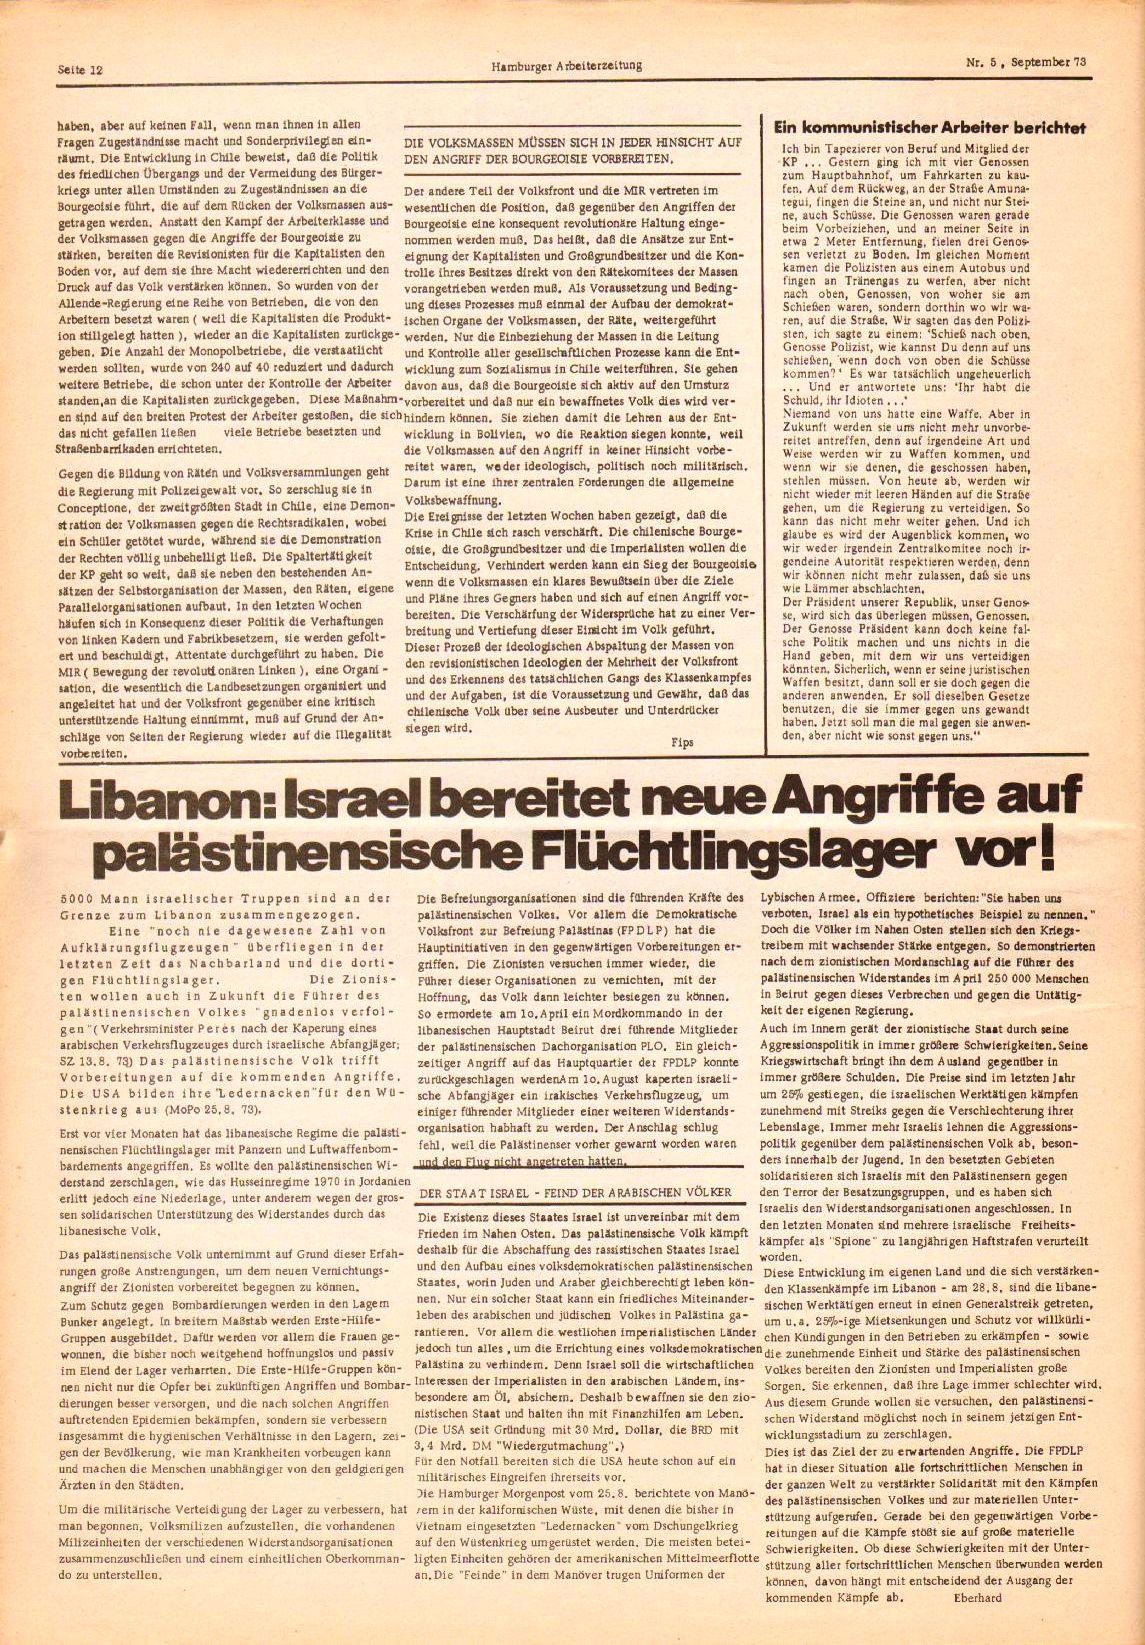 Hamburger_Arbeiterzeitung089